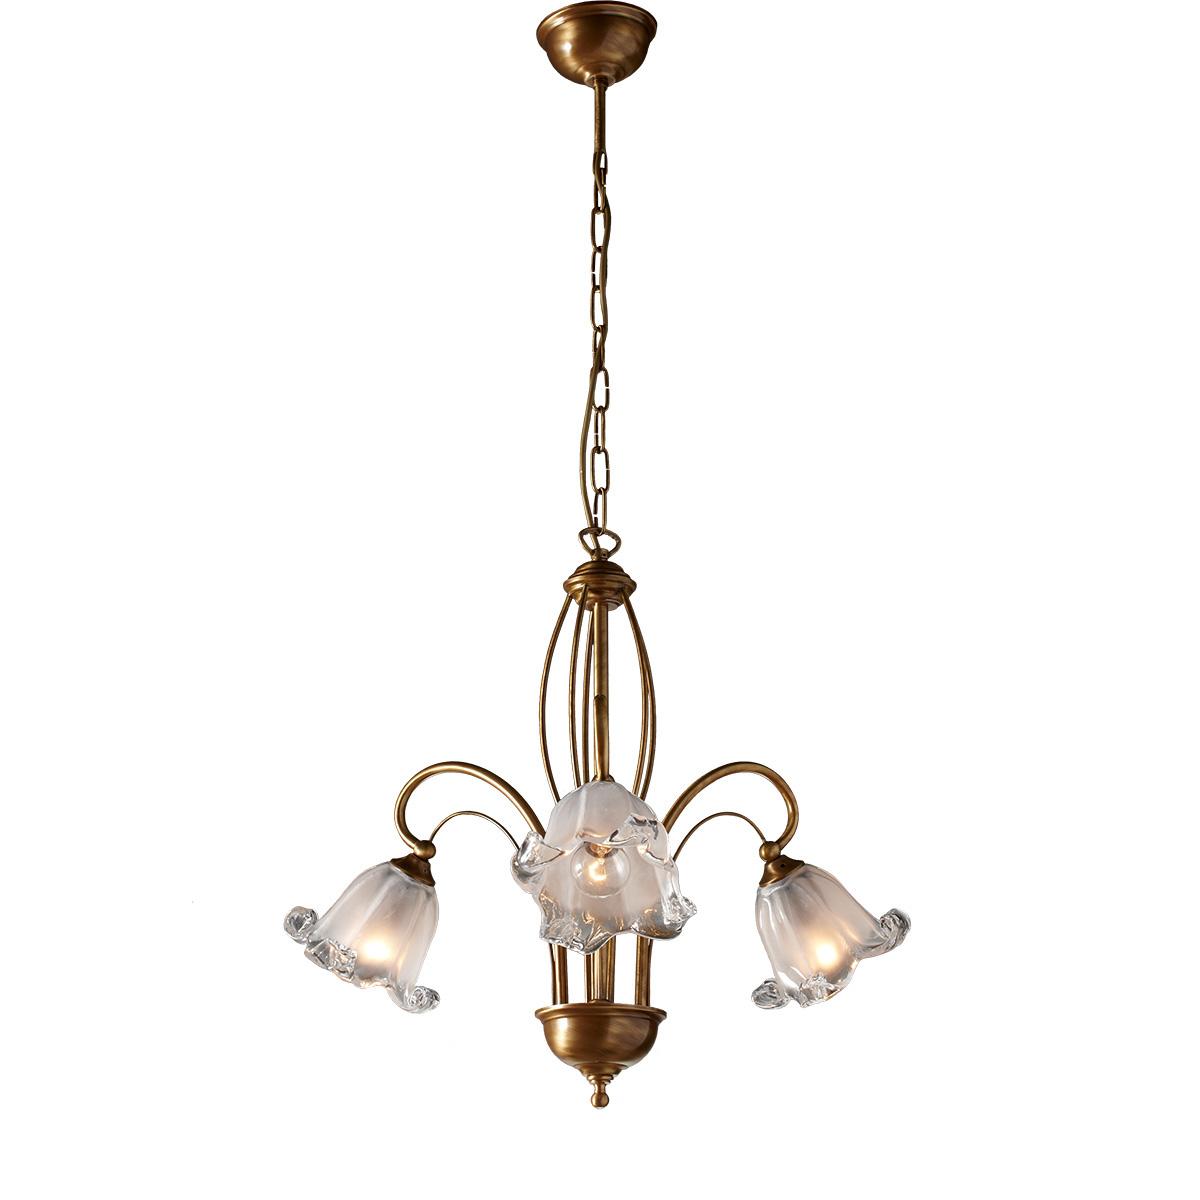 Κλασικό φωτιστικό με κρύσταλλα Murano ΝΥΜΦΑΙΟ classic chandelier with Murano crystals